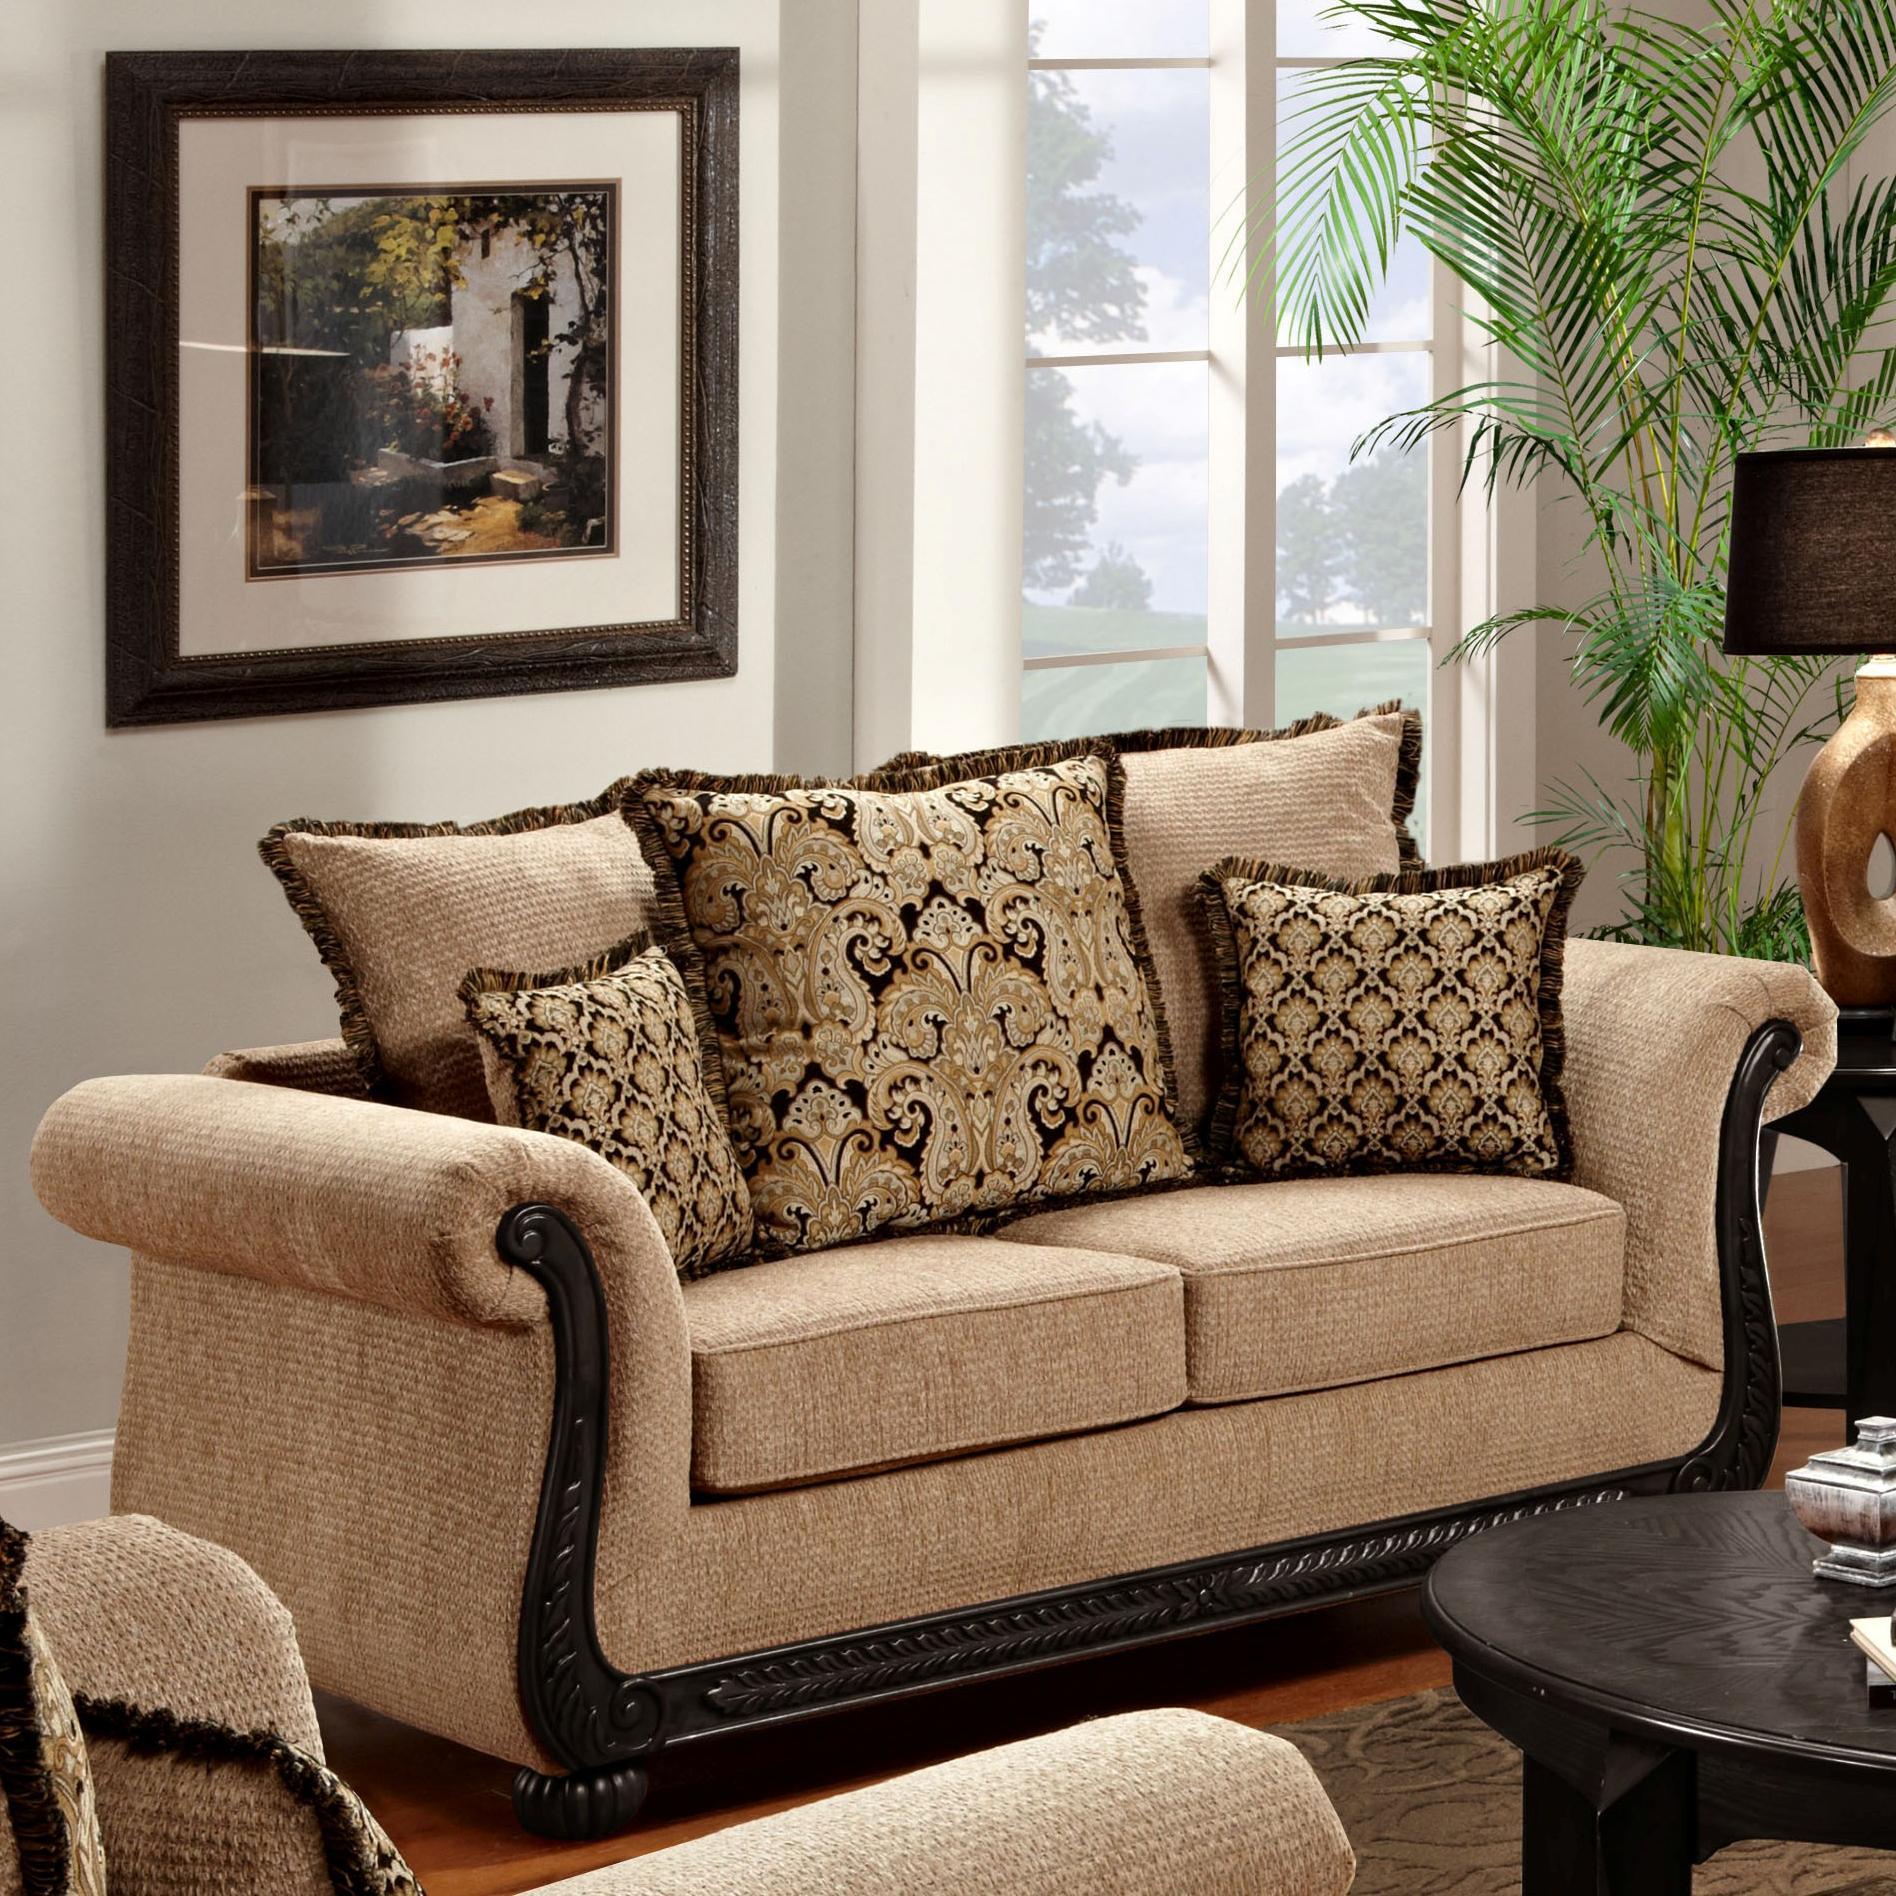 Washington Furniture 6000 Loveseat - Item Number: 6000-L